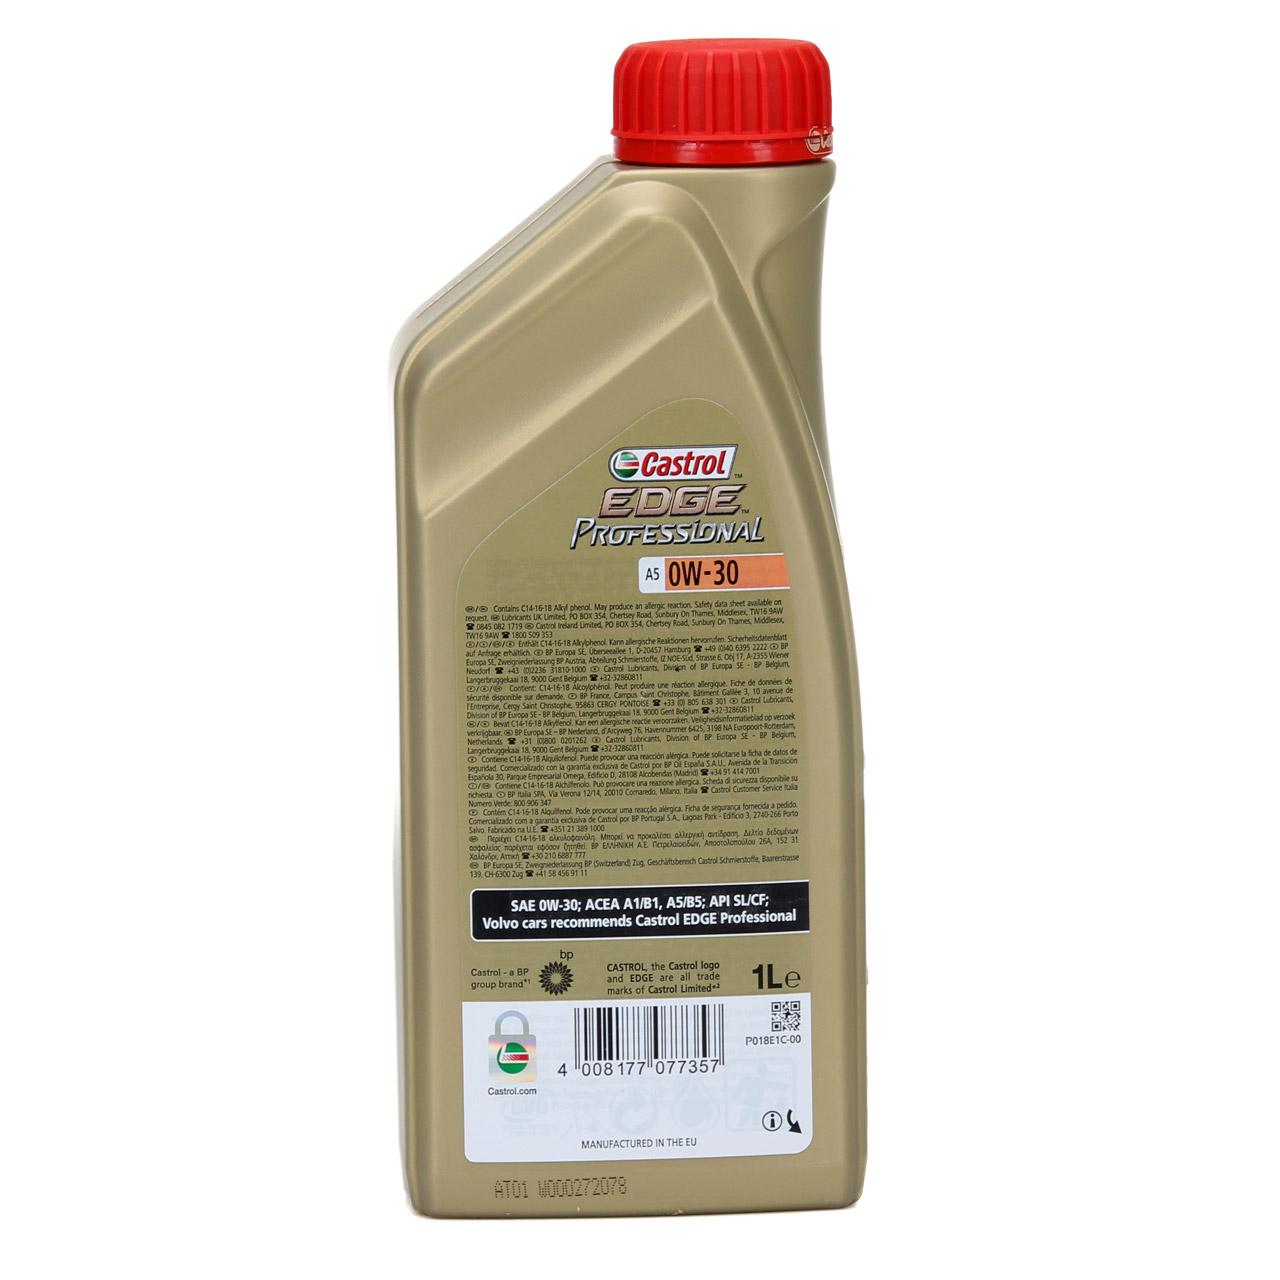 CASTROL EDGE Professional Motoröl Öl TITANIUM FST A5 0W-30 0W30 VOLVO 9 Liter